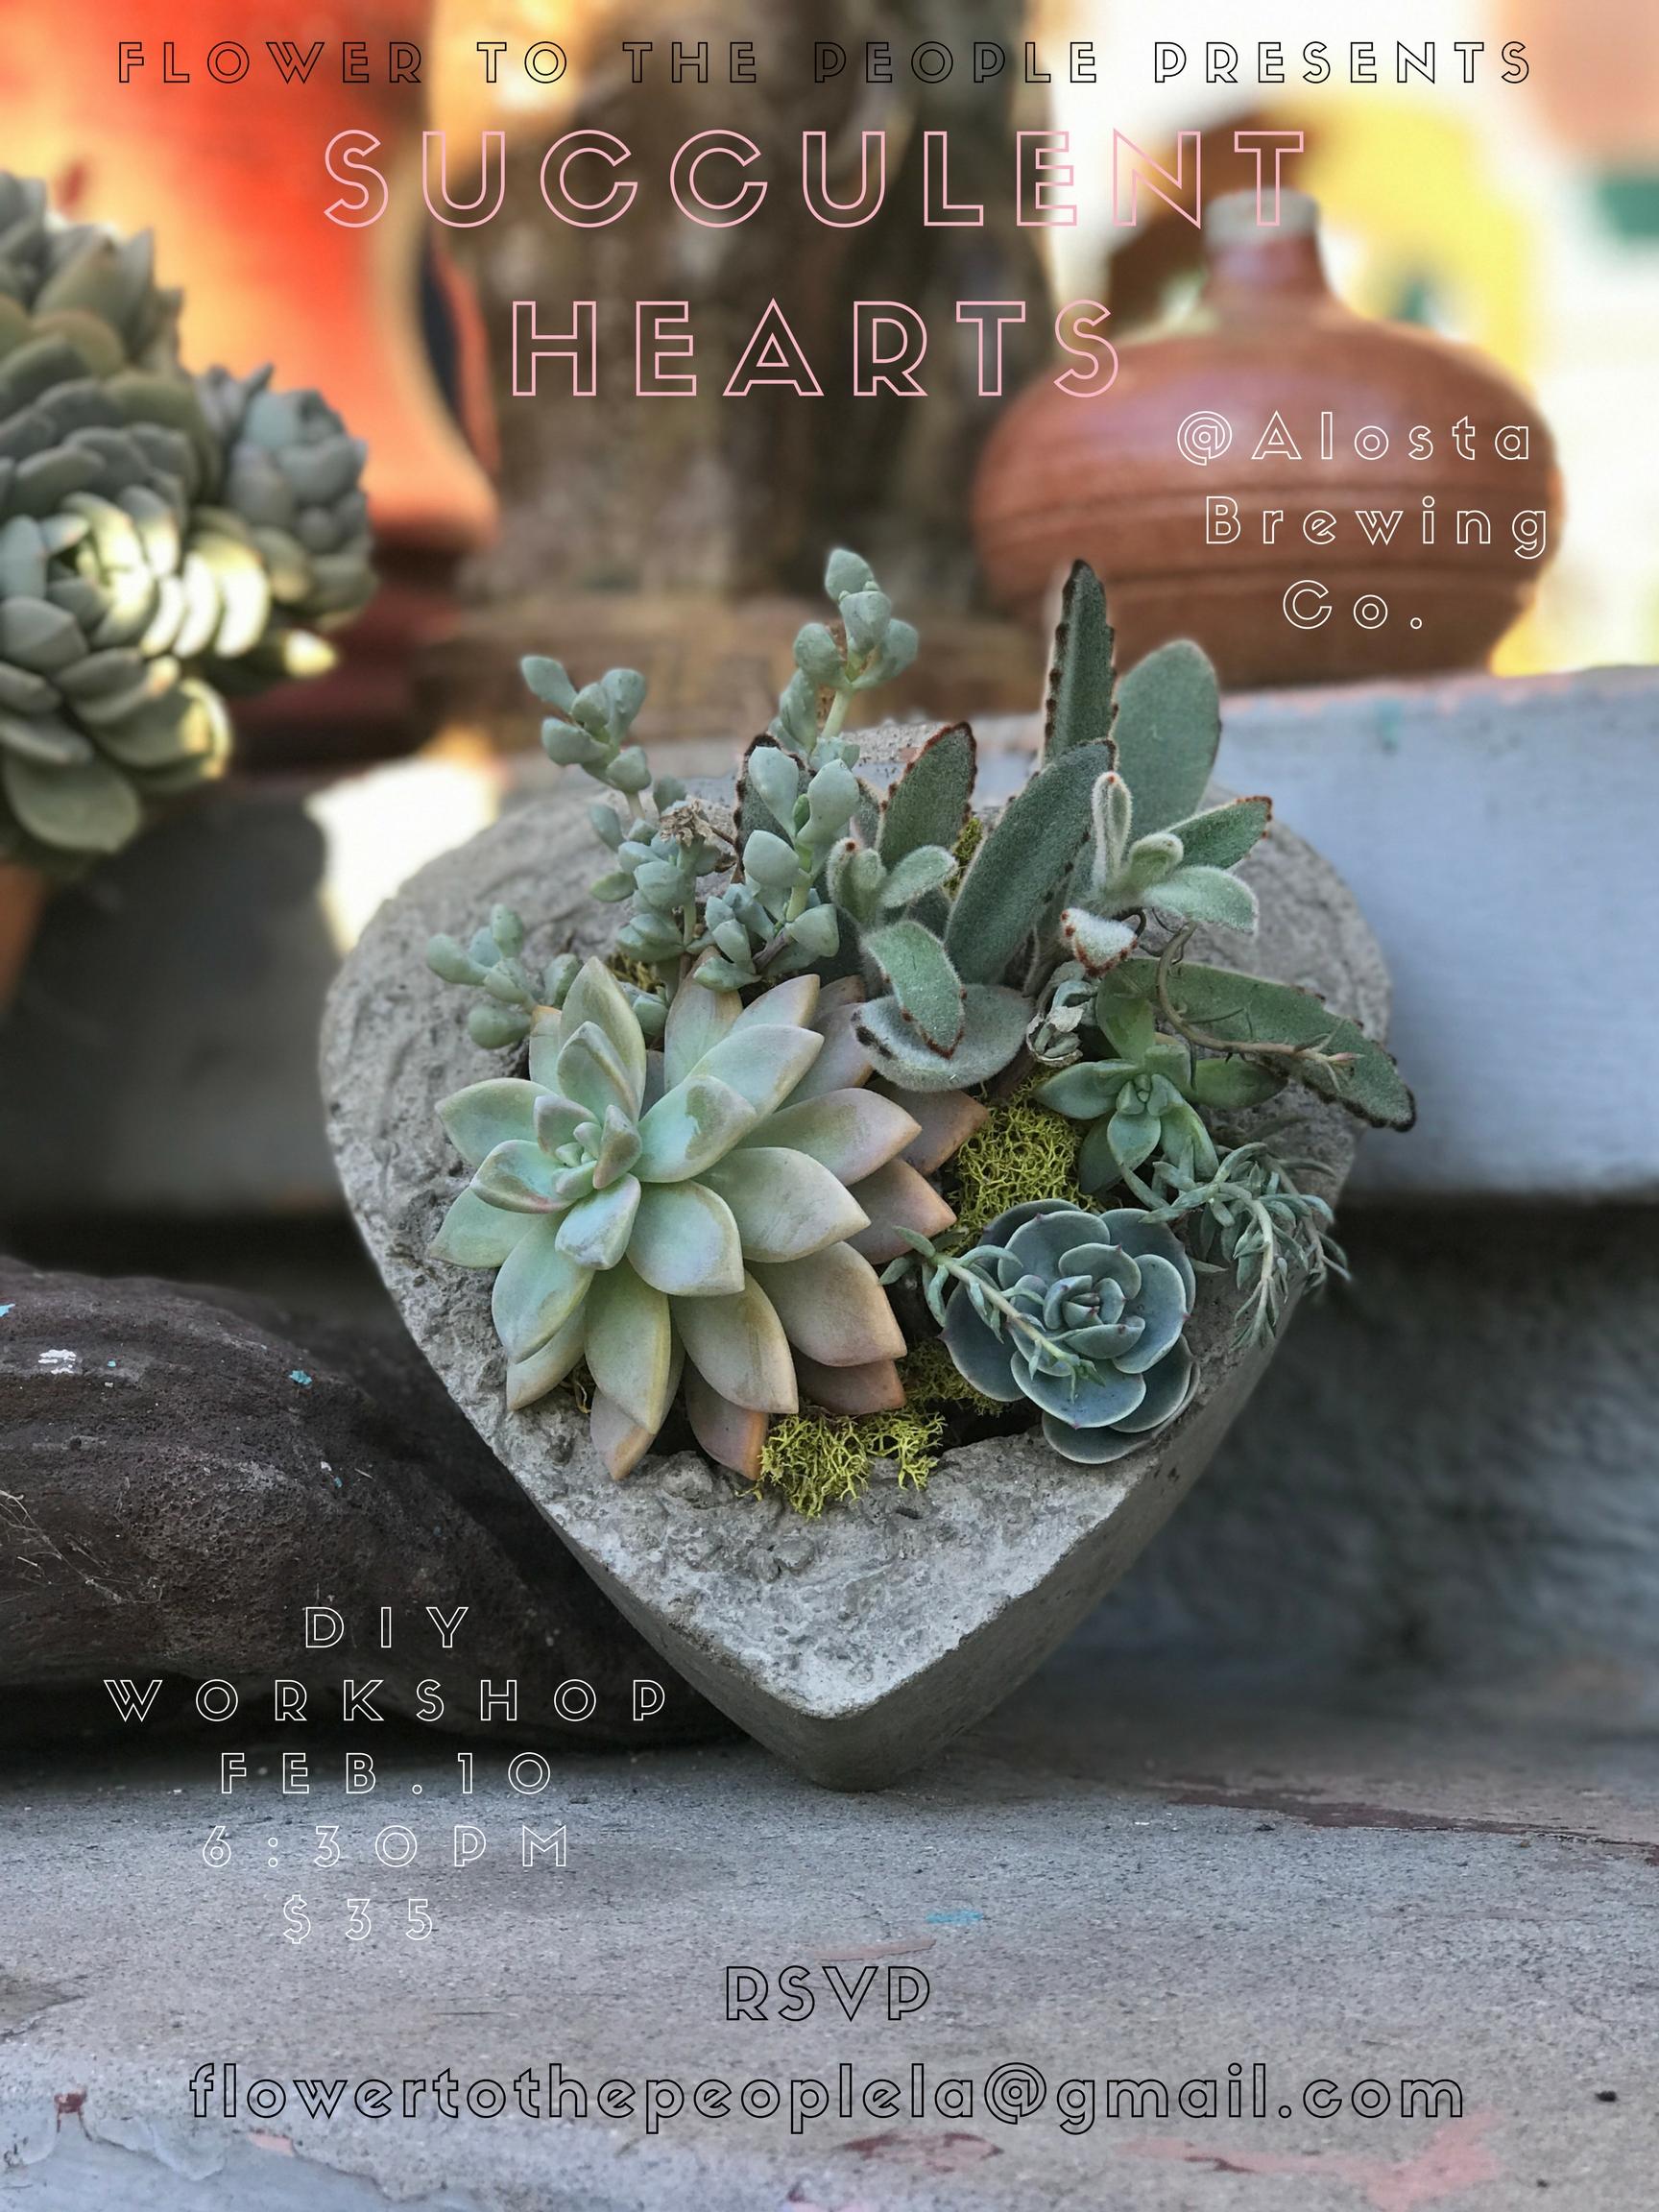 HEARTSALOSTA1.jpg